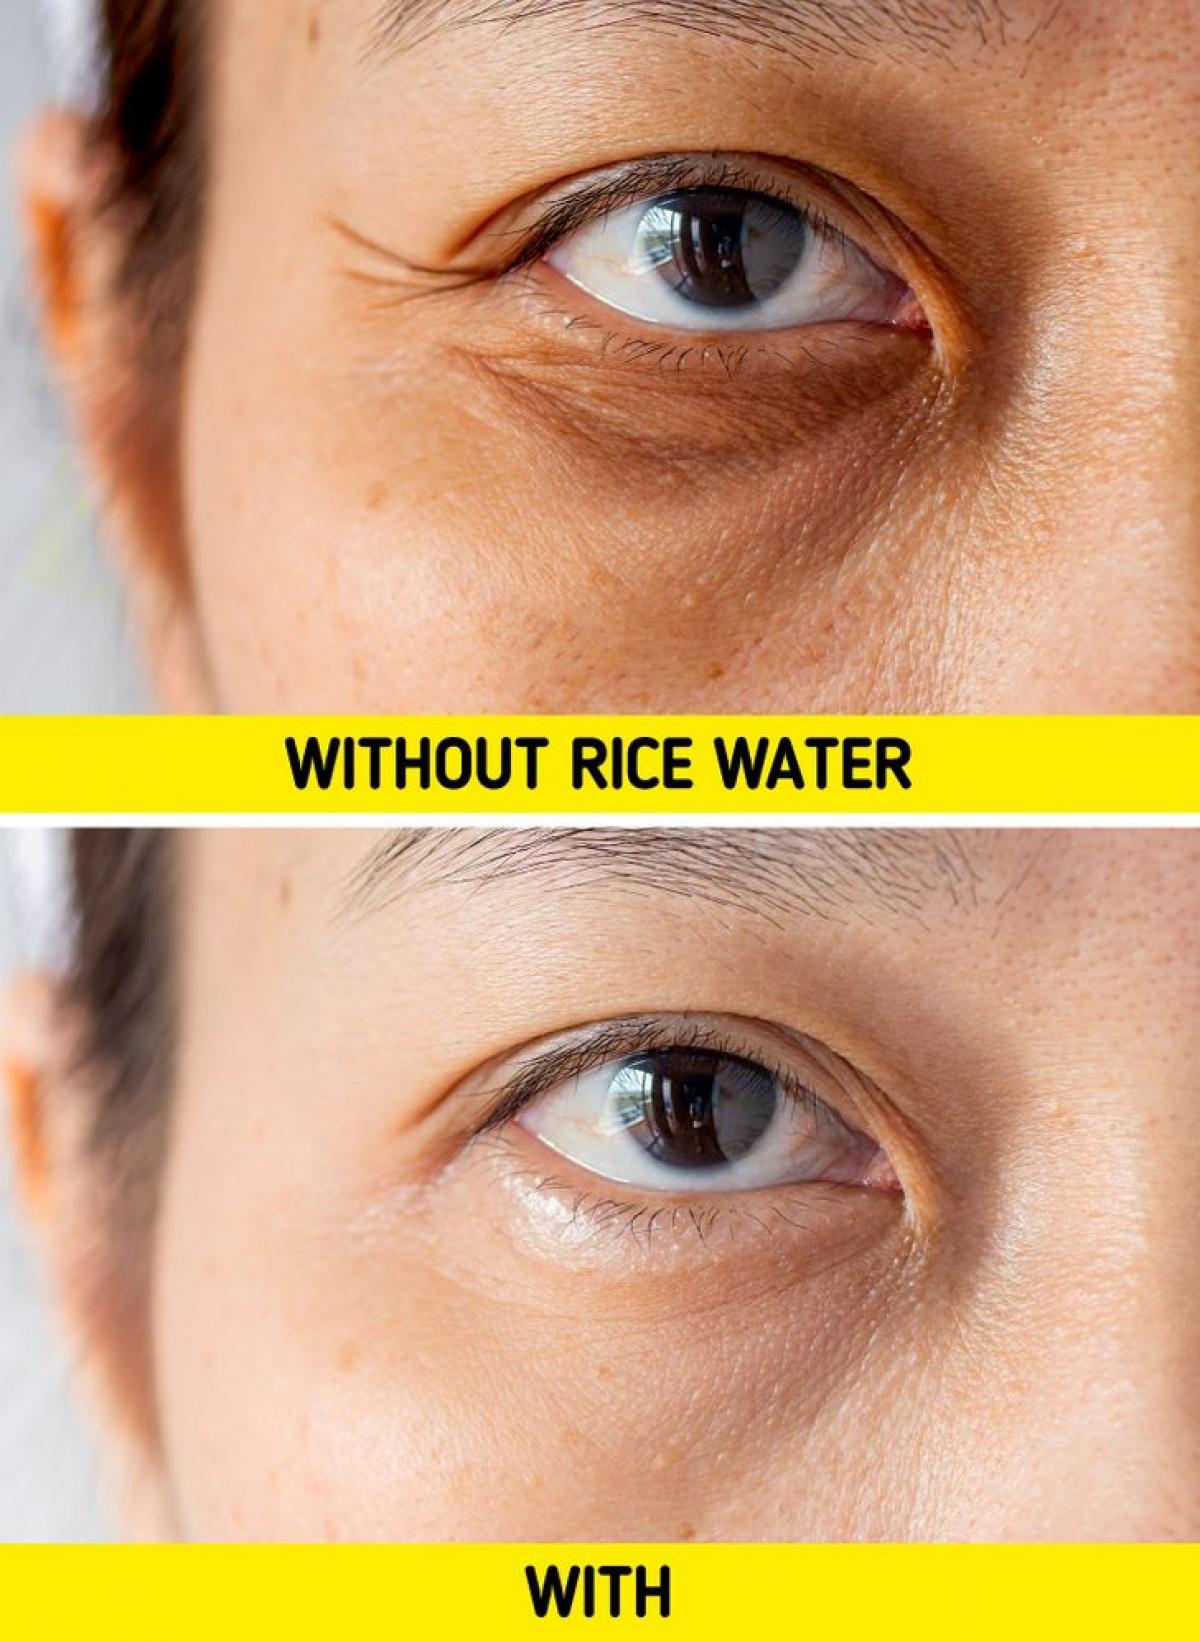 Sử dụng nước gạo trong quá trình chăm sóc da sẽ làm giảm quá trình lão hoá.